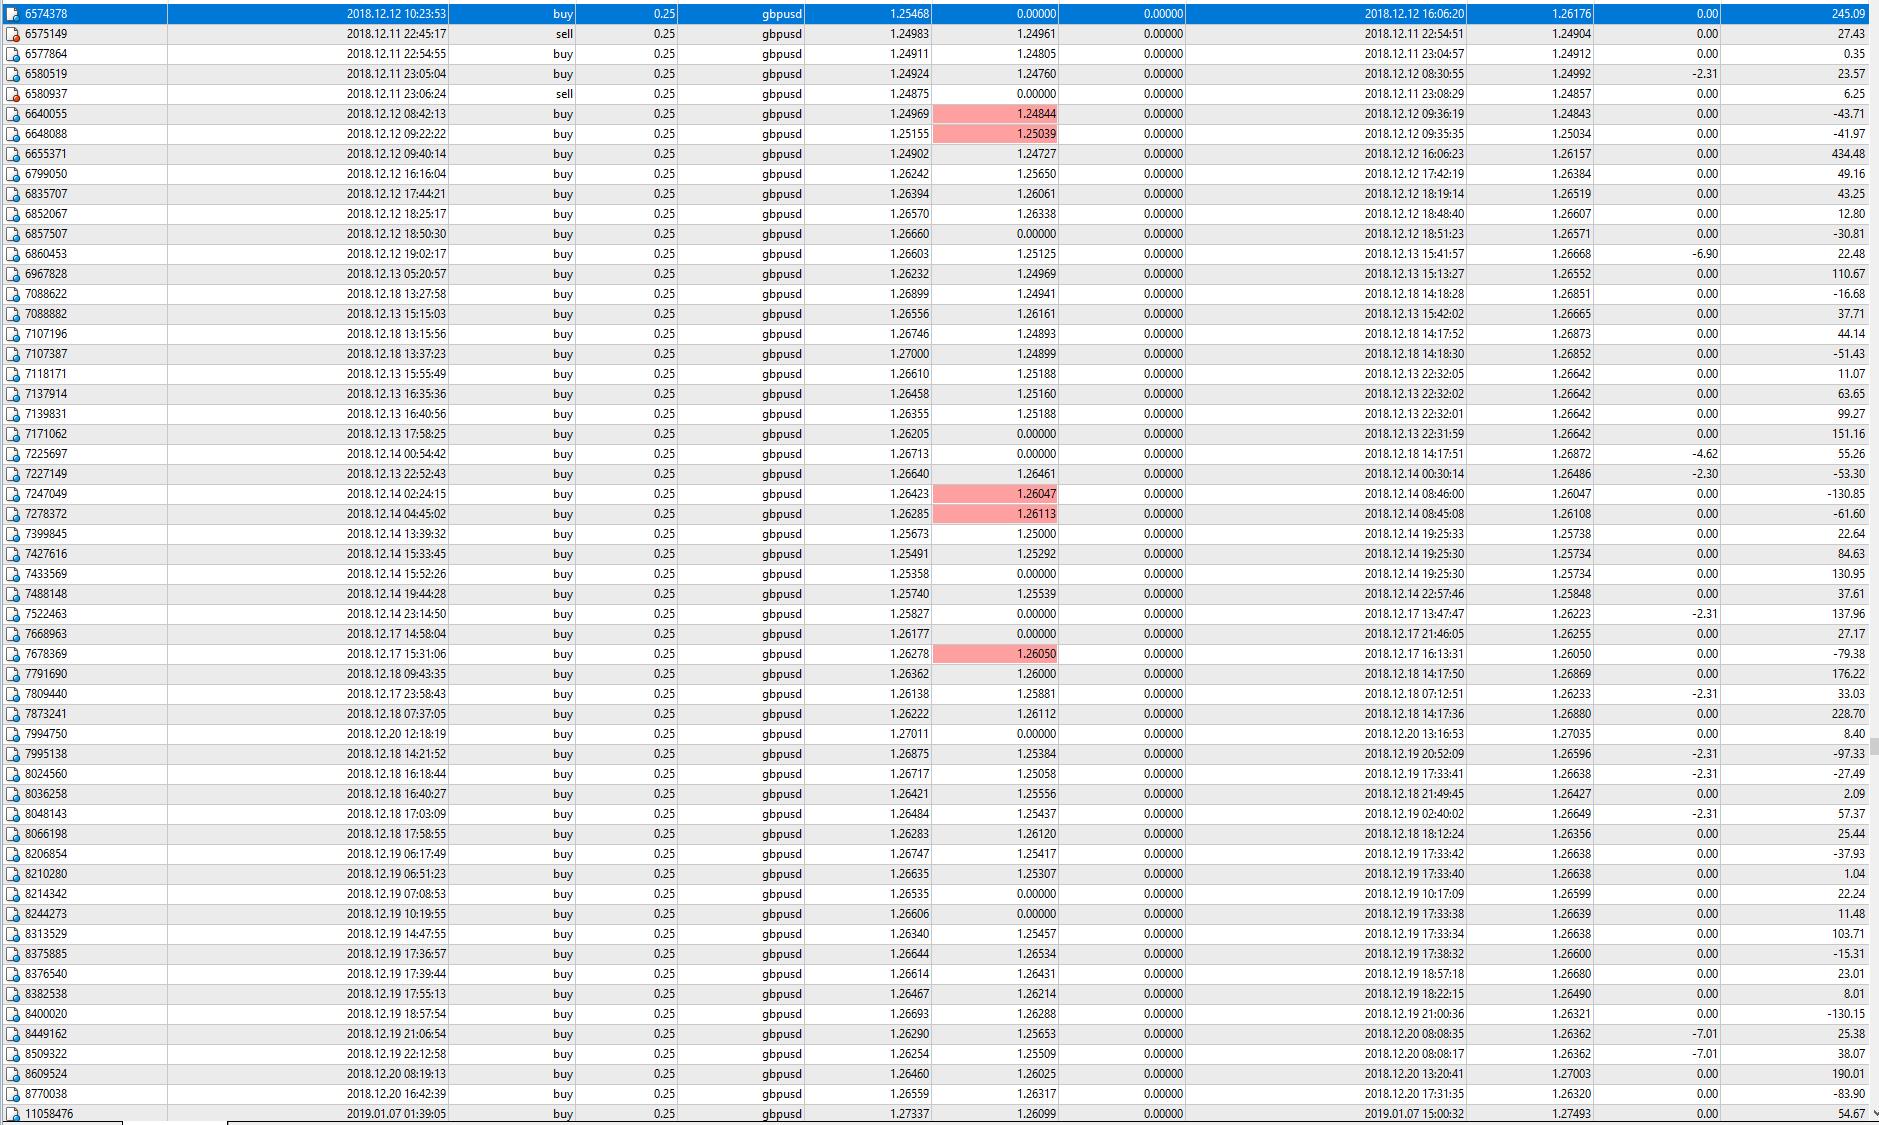 GPNZD Results